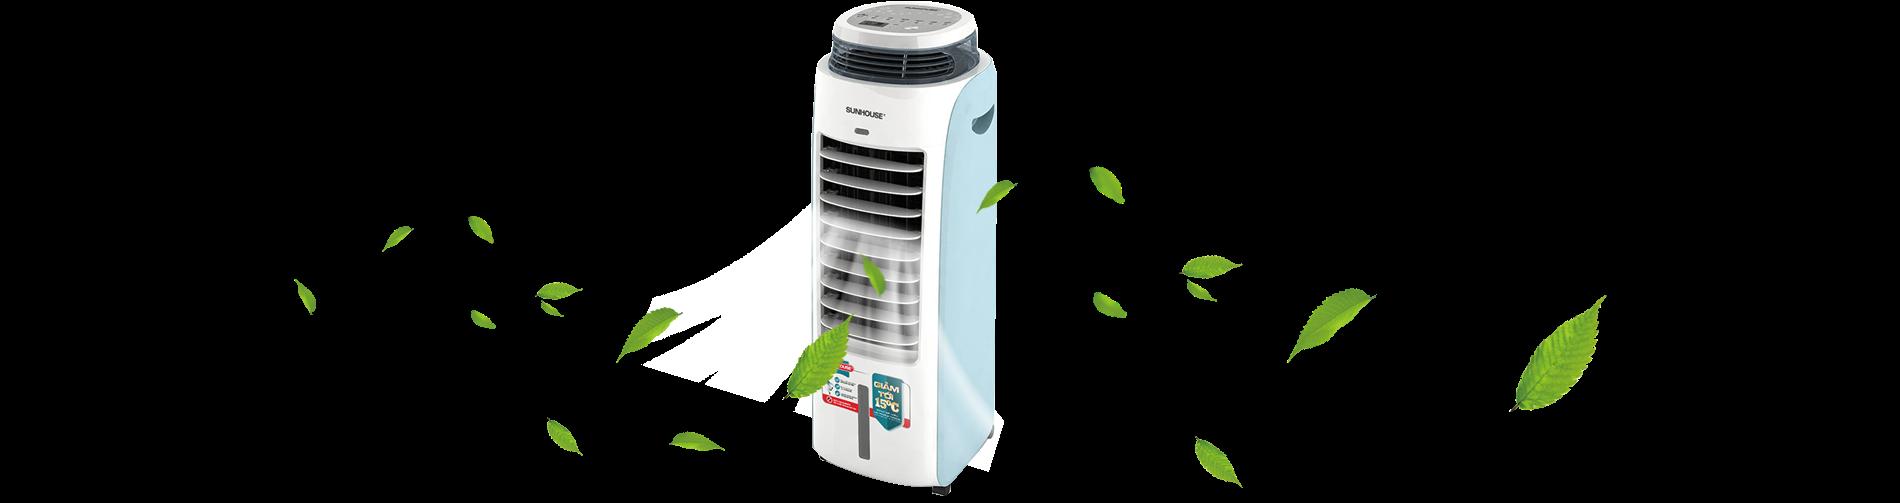 Giới thiệu về máy làm mát không khí